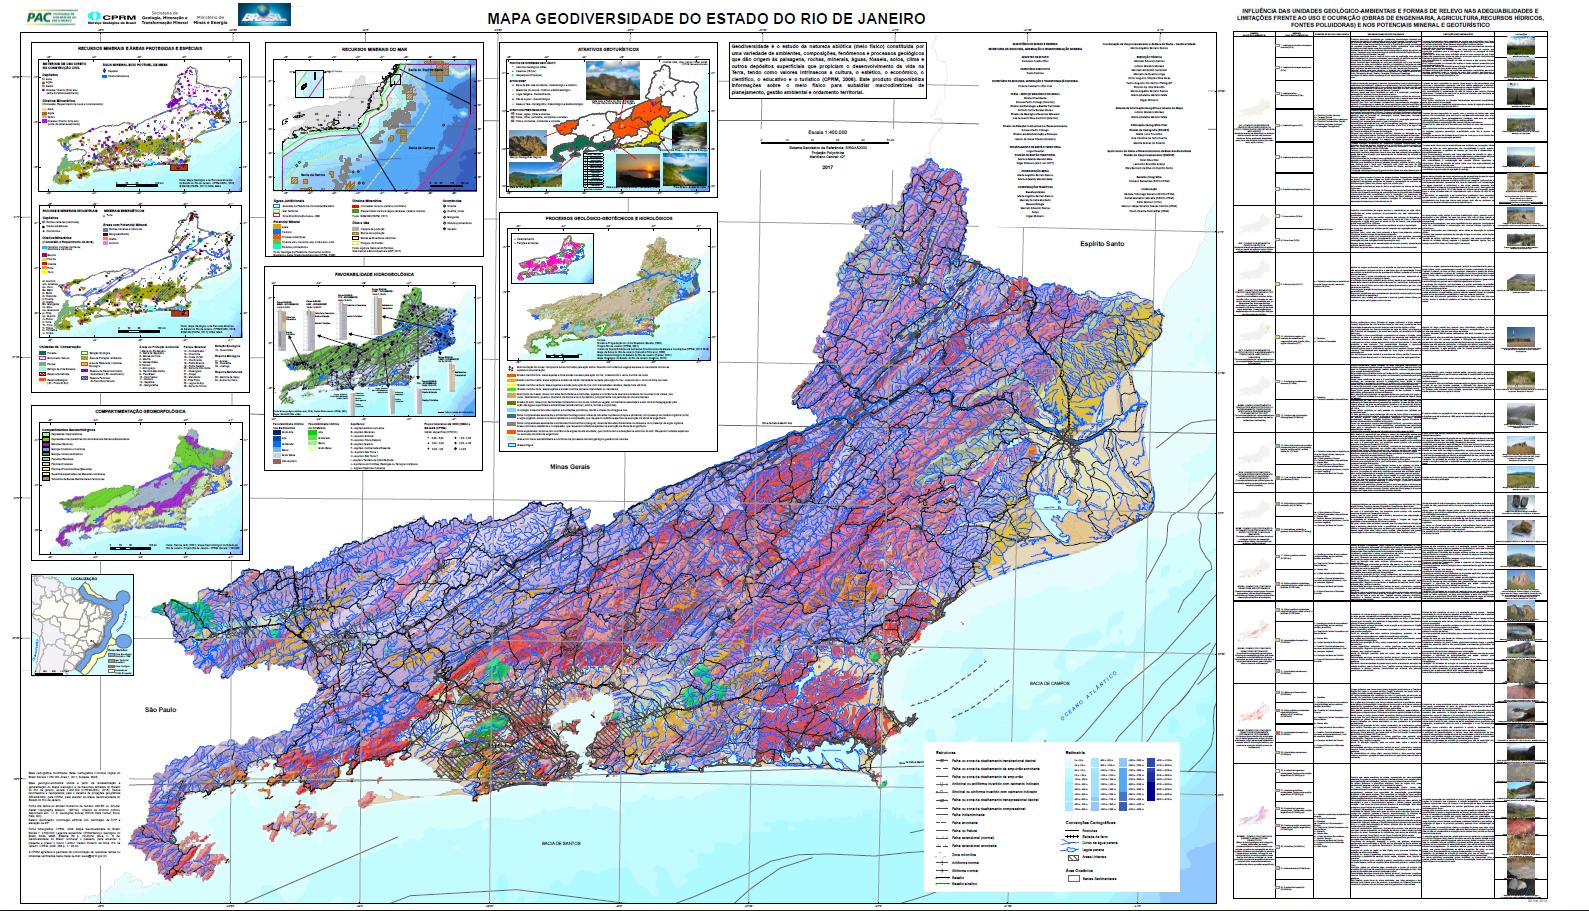 Geodiversidade Do Rio De Janeiro Mapa E Sig